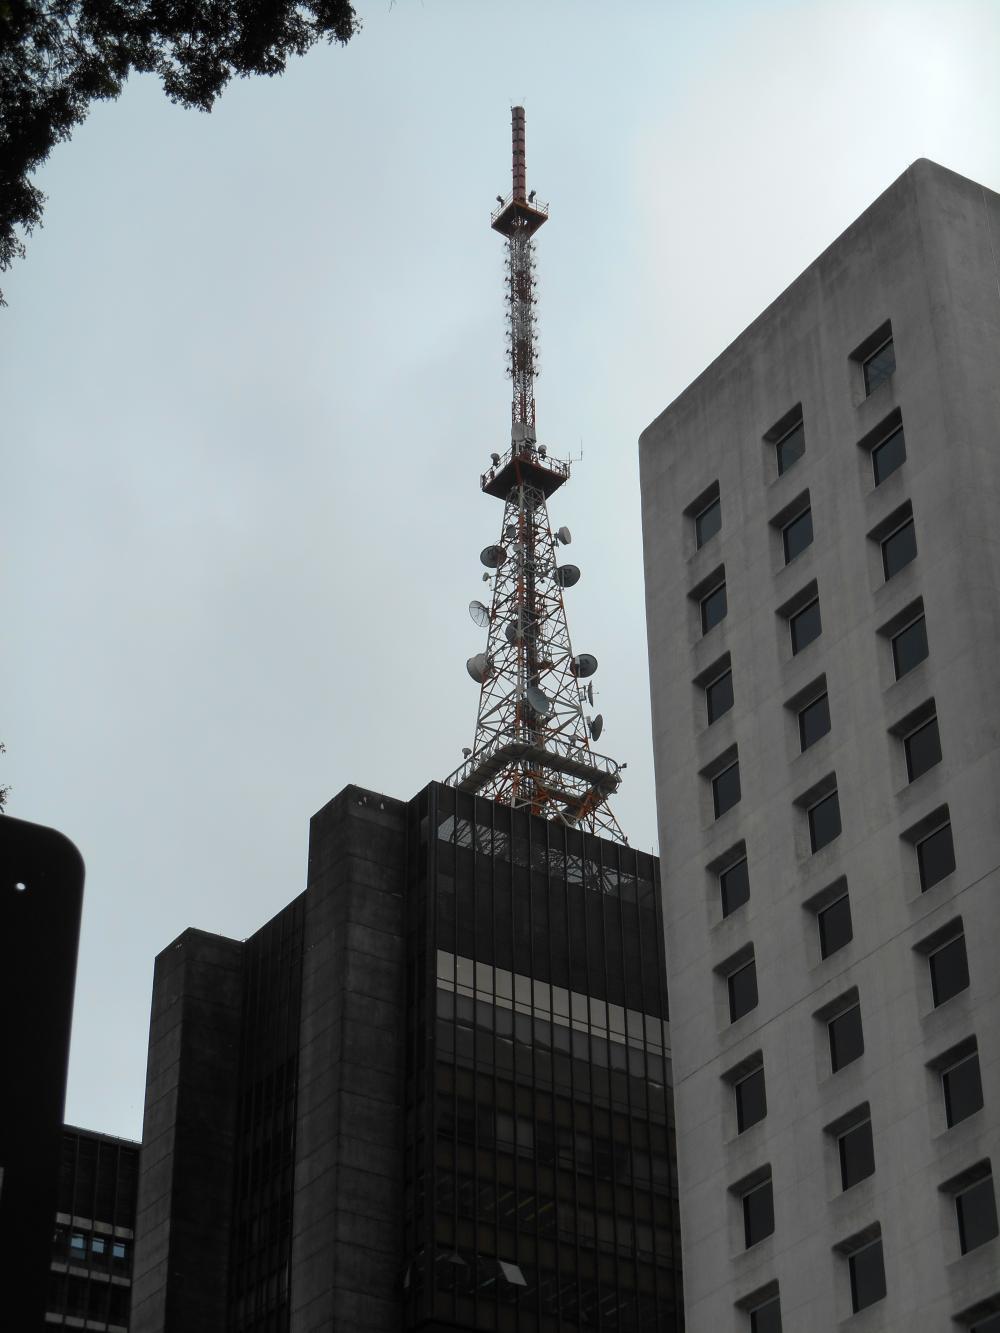 torre grande avenida  u2013 wikip u00e9dia  a enciclop u00e9dia livre